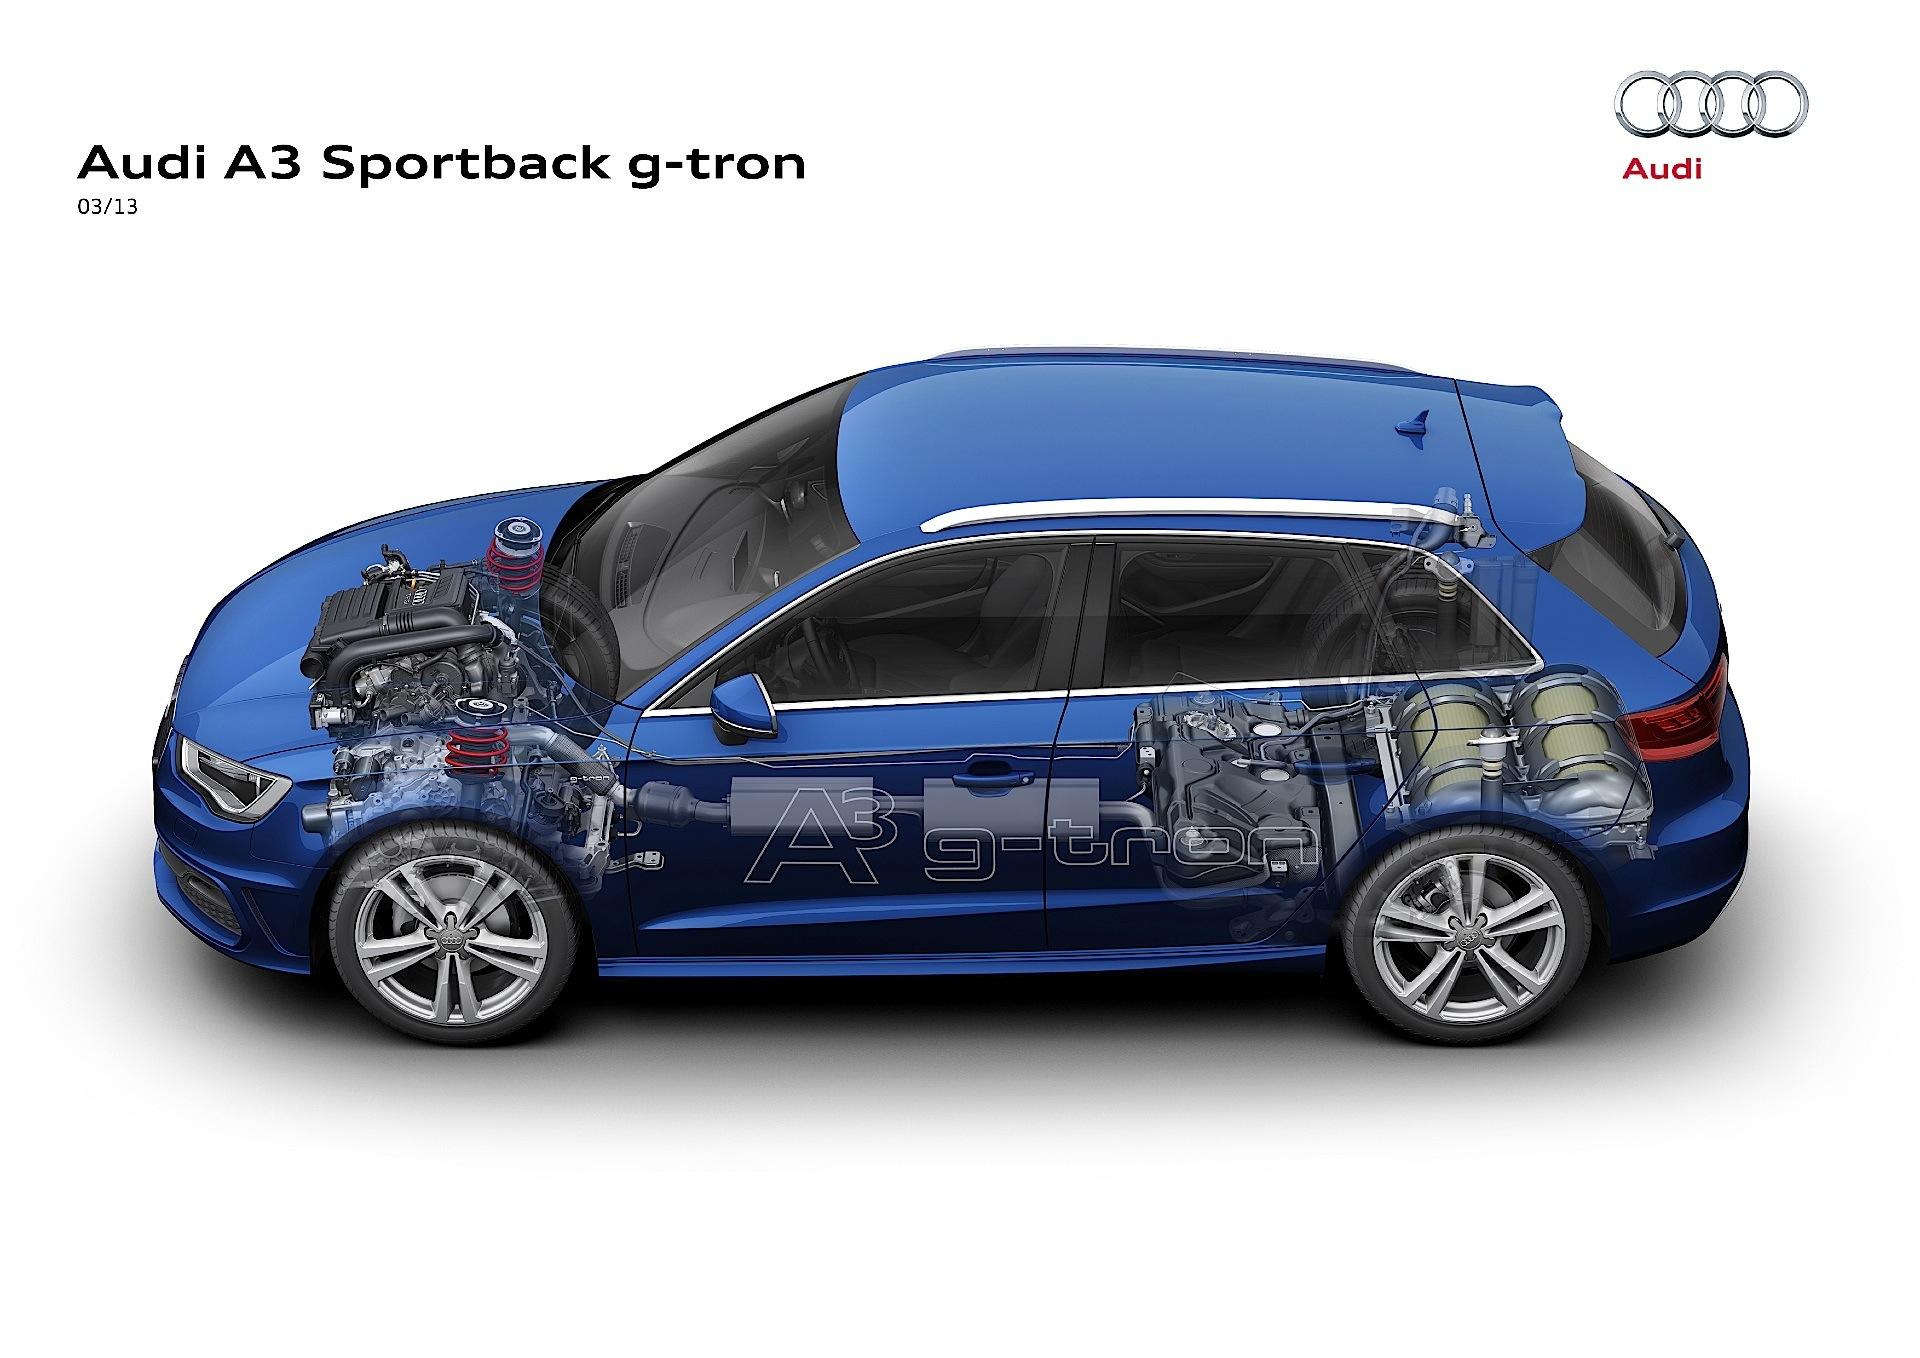 Audi A3 Sportback G Tron Specs 2013 2014 2015 2016 Autoevolution